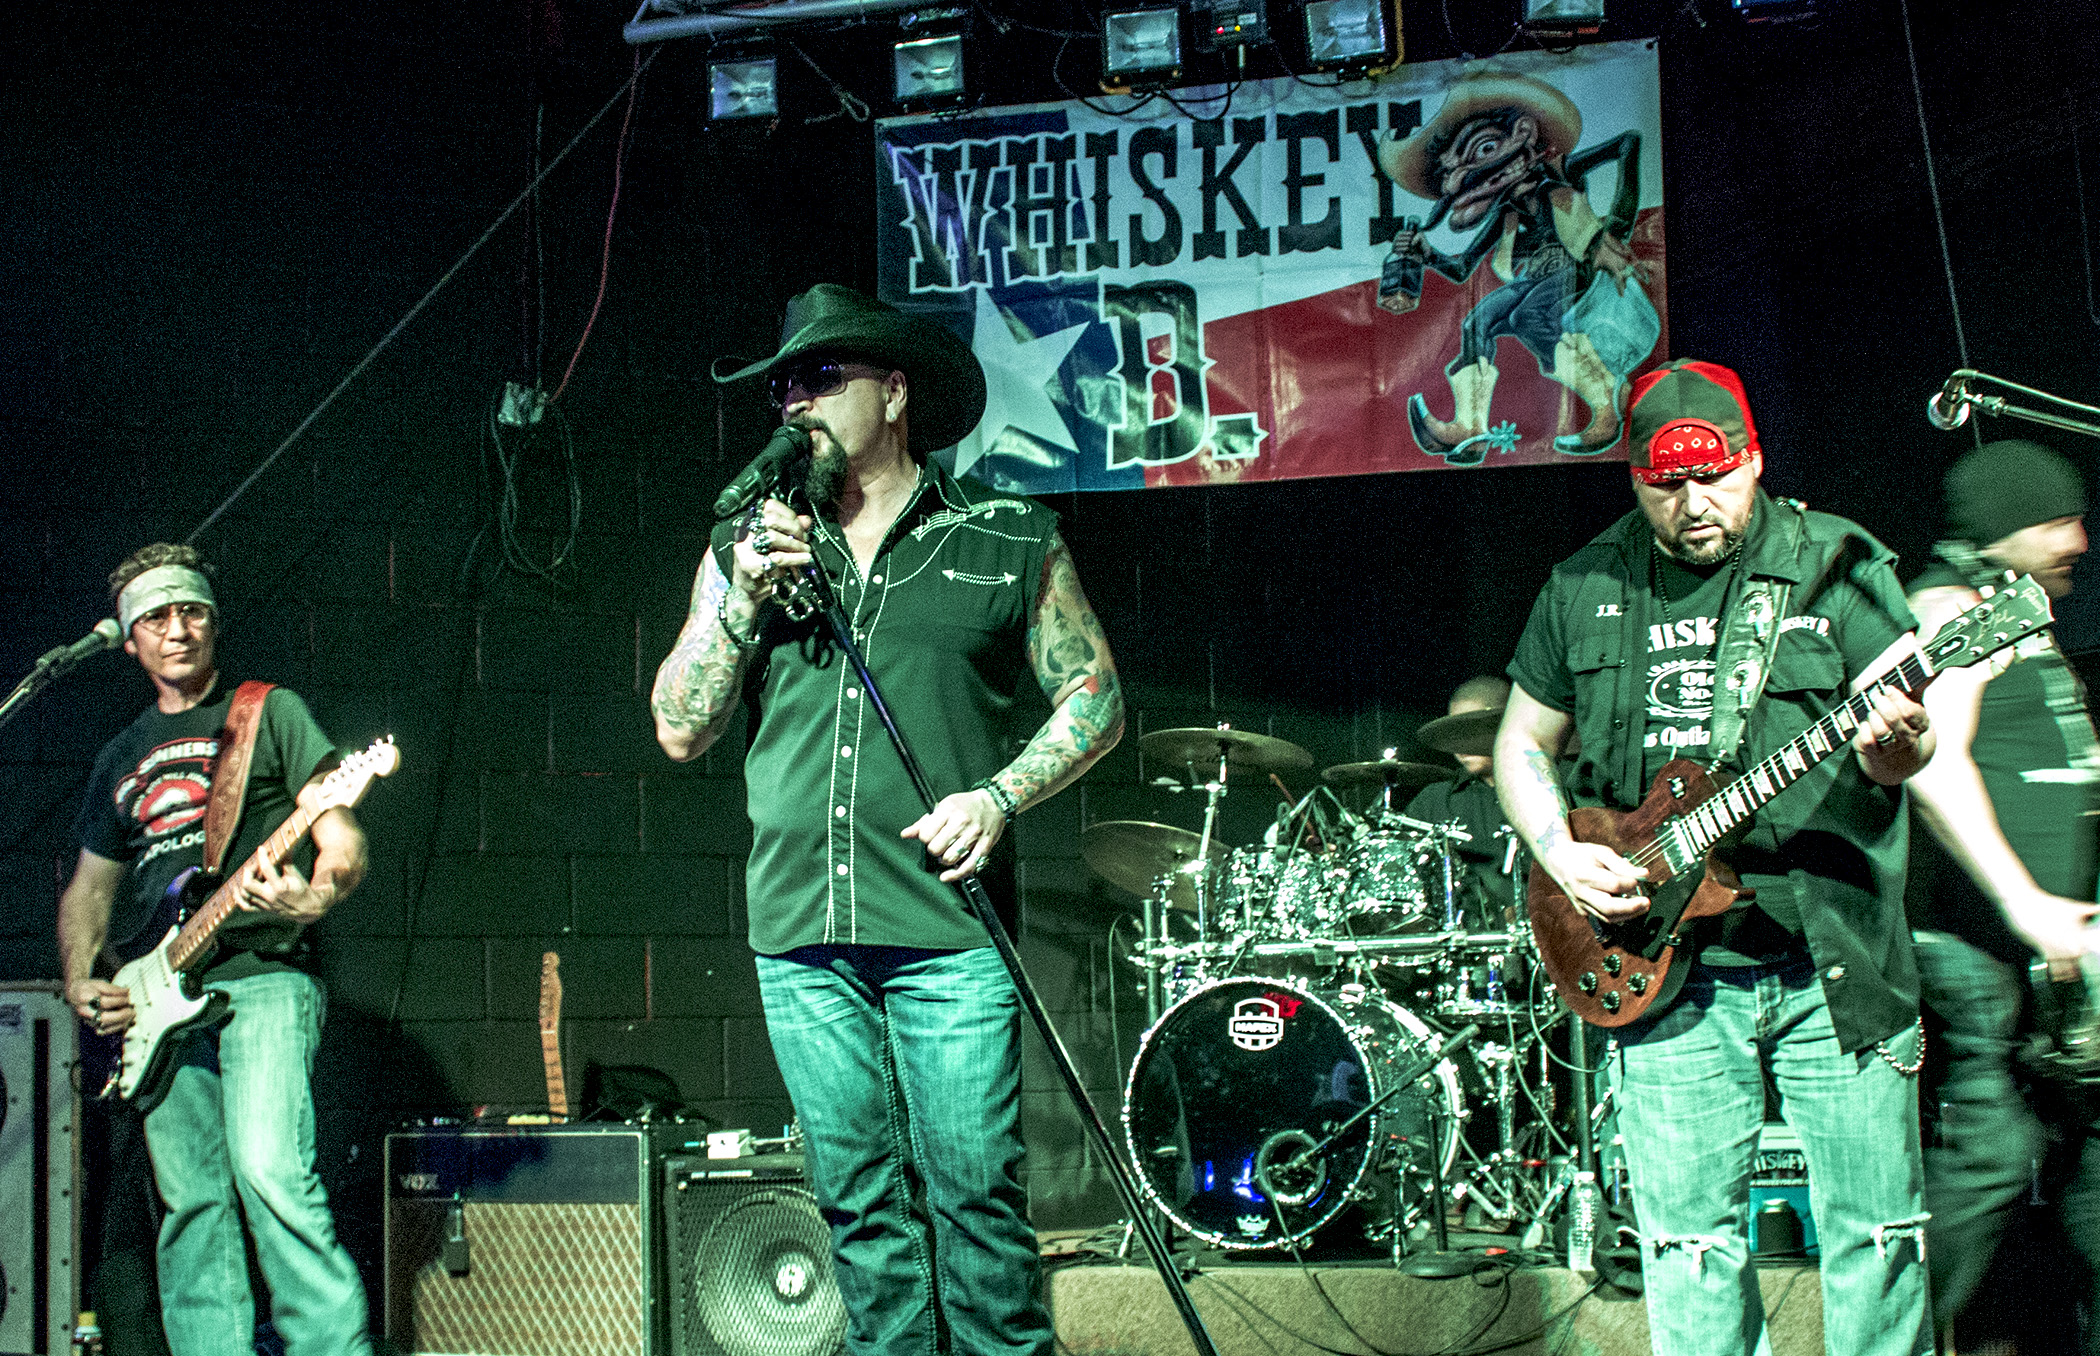 2015 band